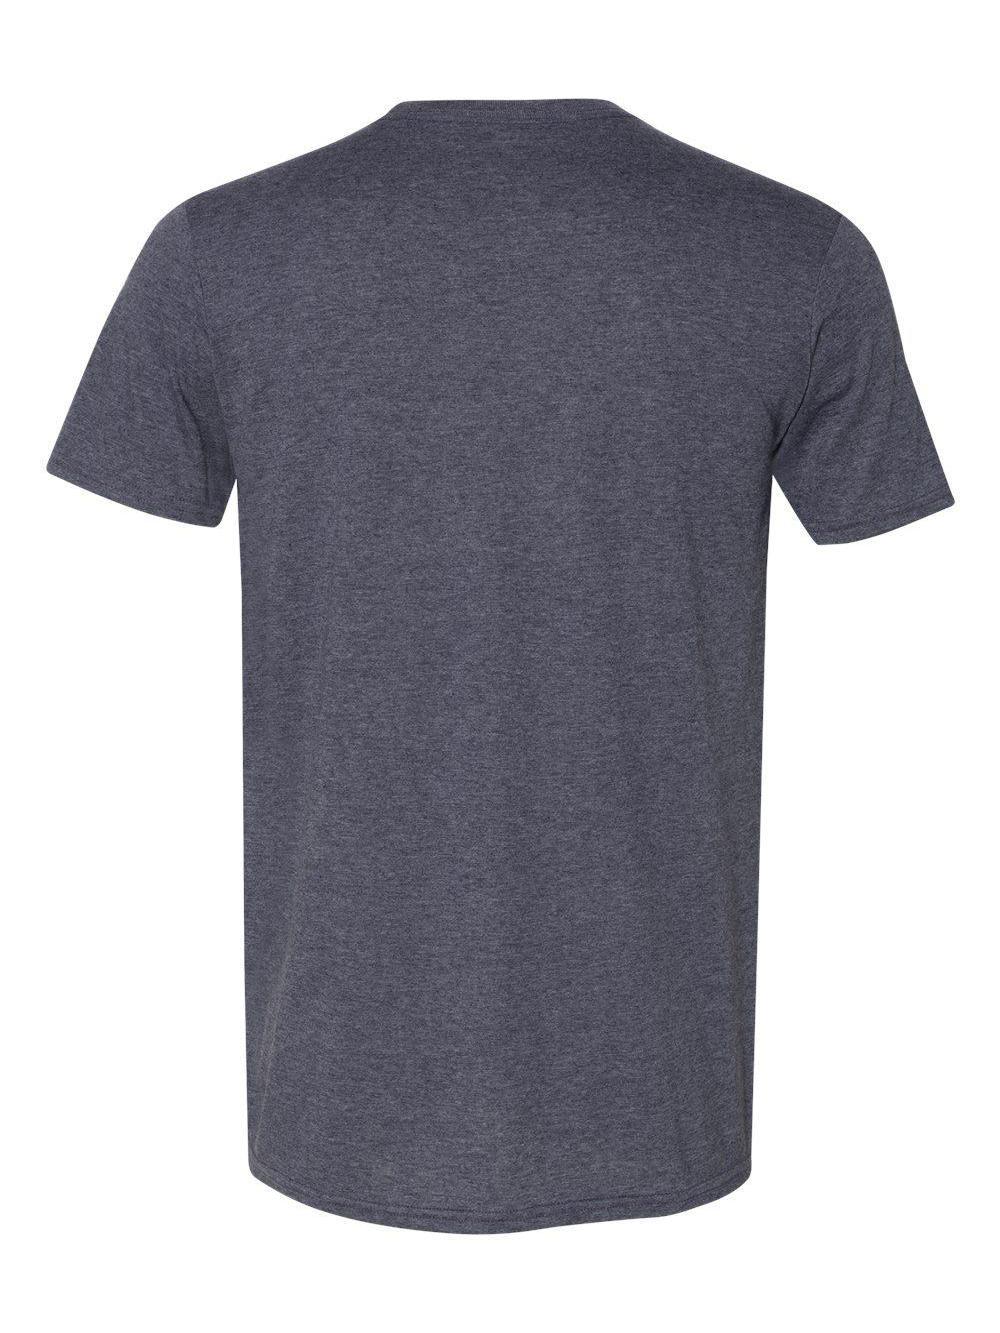 Anvil-Lightweight-Ringspun-V-Neck-T-Shirt-982 thumbnail 16